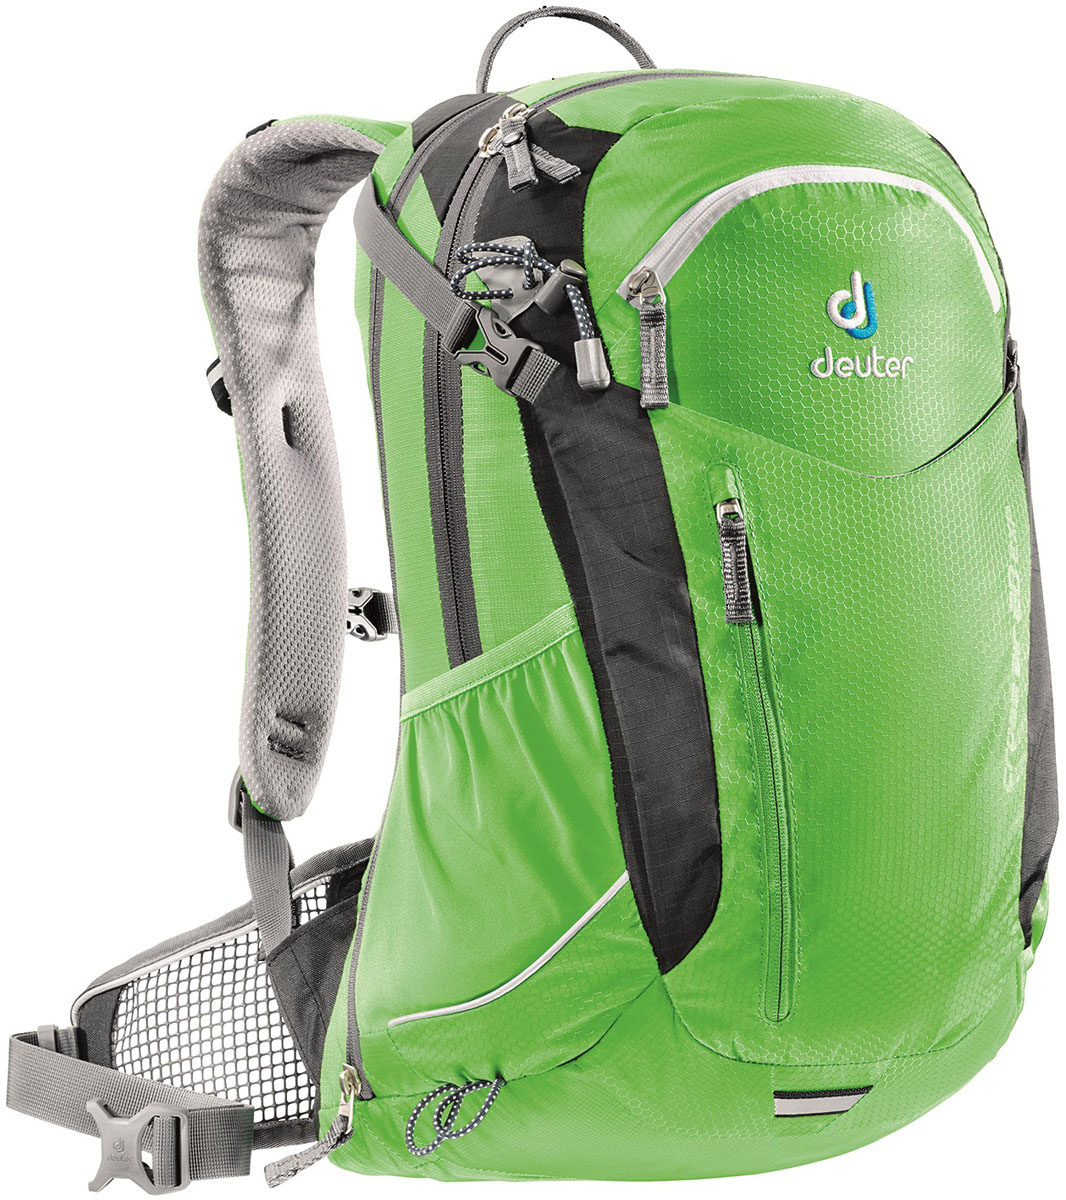 Рюкзак Deuter Cross Air 20 EXP, цвет: зеленый, 20 лZ90 blackМногофункциональный велосипедный рюкзак Deuter Cross Air EXP для продолжительных однодневных поездок. У рюкзака элегантный дизайн, плотно прилегающая форма и практичная надставка с молнией для увеличения объема. Отличная вентиляция благодаря конструкции спинки Deuter Advanced Aircomfort. Особенности Deuter Aircontact PRO 60+15: - в практичный сетчатый карман можно положить куртку или шлем; - два наружных кармана; - боковые сетчатые карманы; - карман для влажной одежды; - органайзер; - внутренний карман для ценных вещей. Вес: 1100 г. Объем: 18+4 л. Размер: 47 х 34 х 20 см.